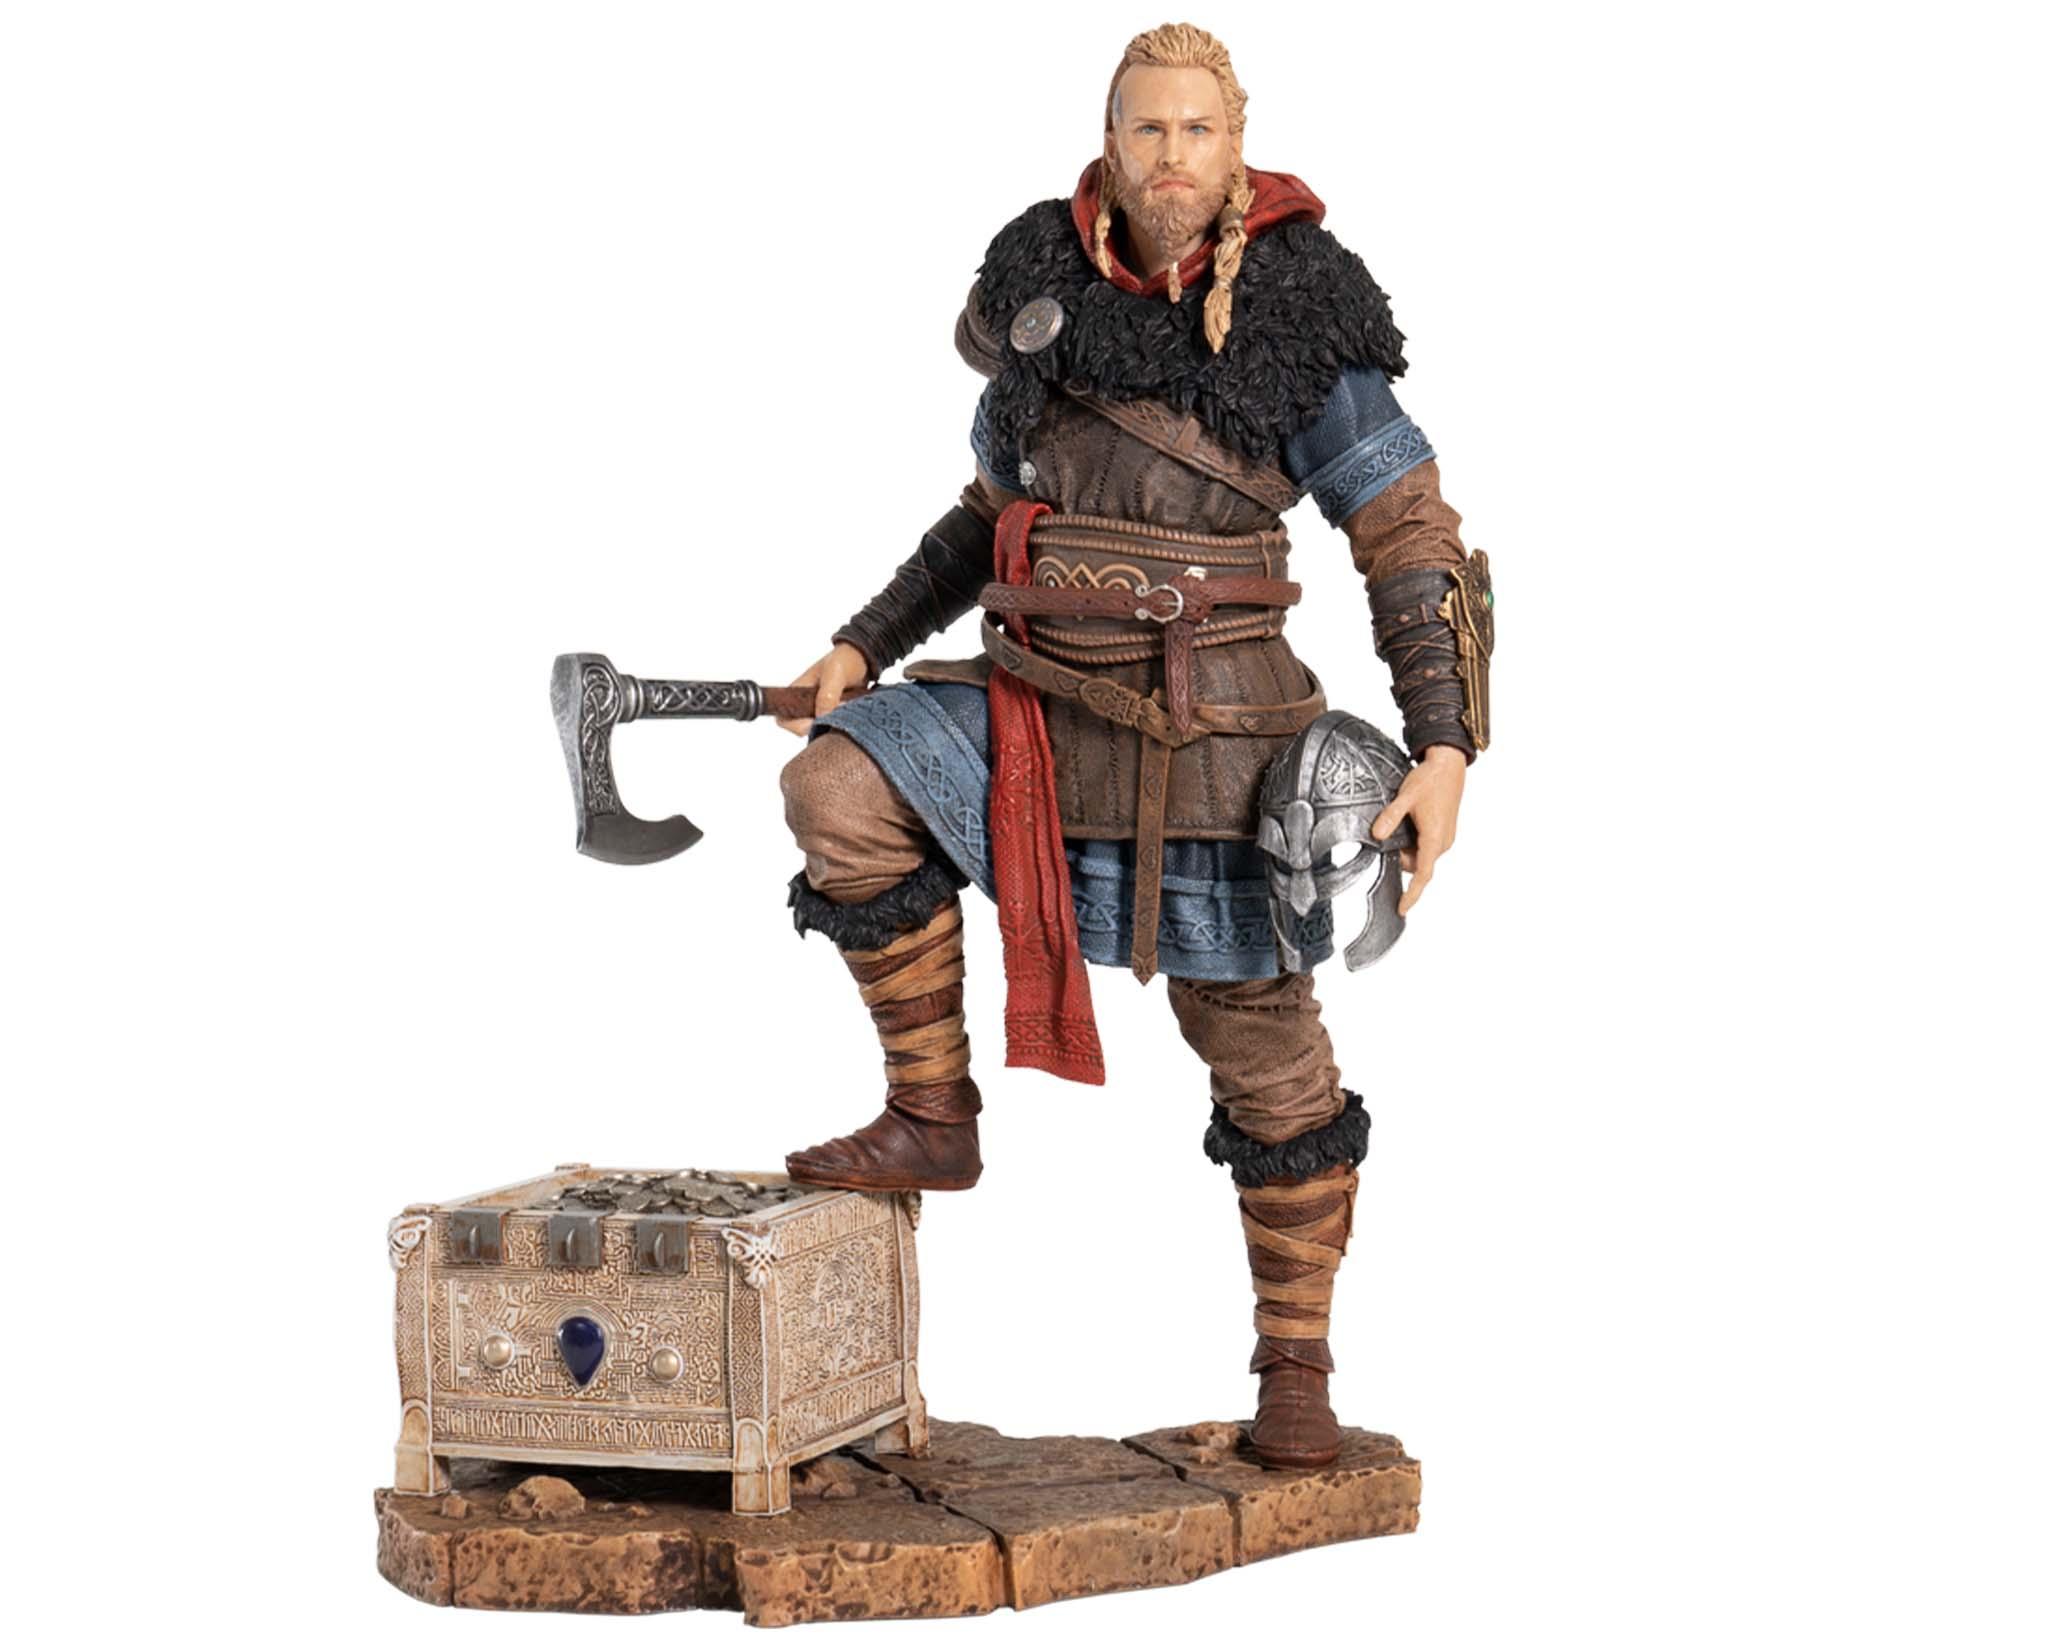 Assassin's Creed Valhalla Eivor Figurine